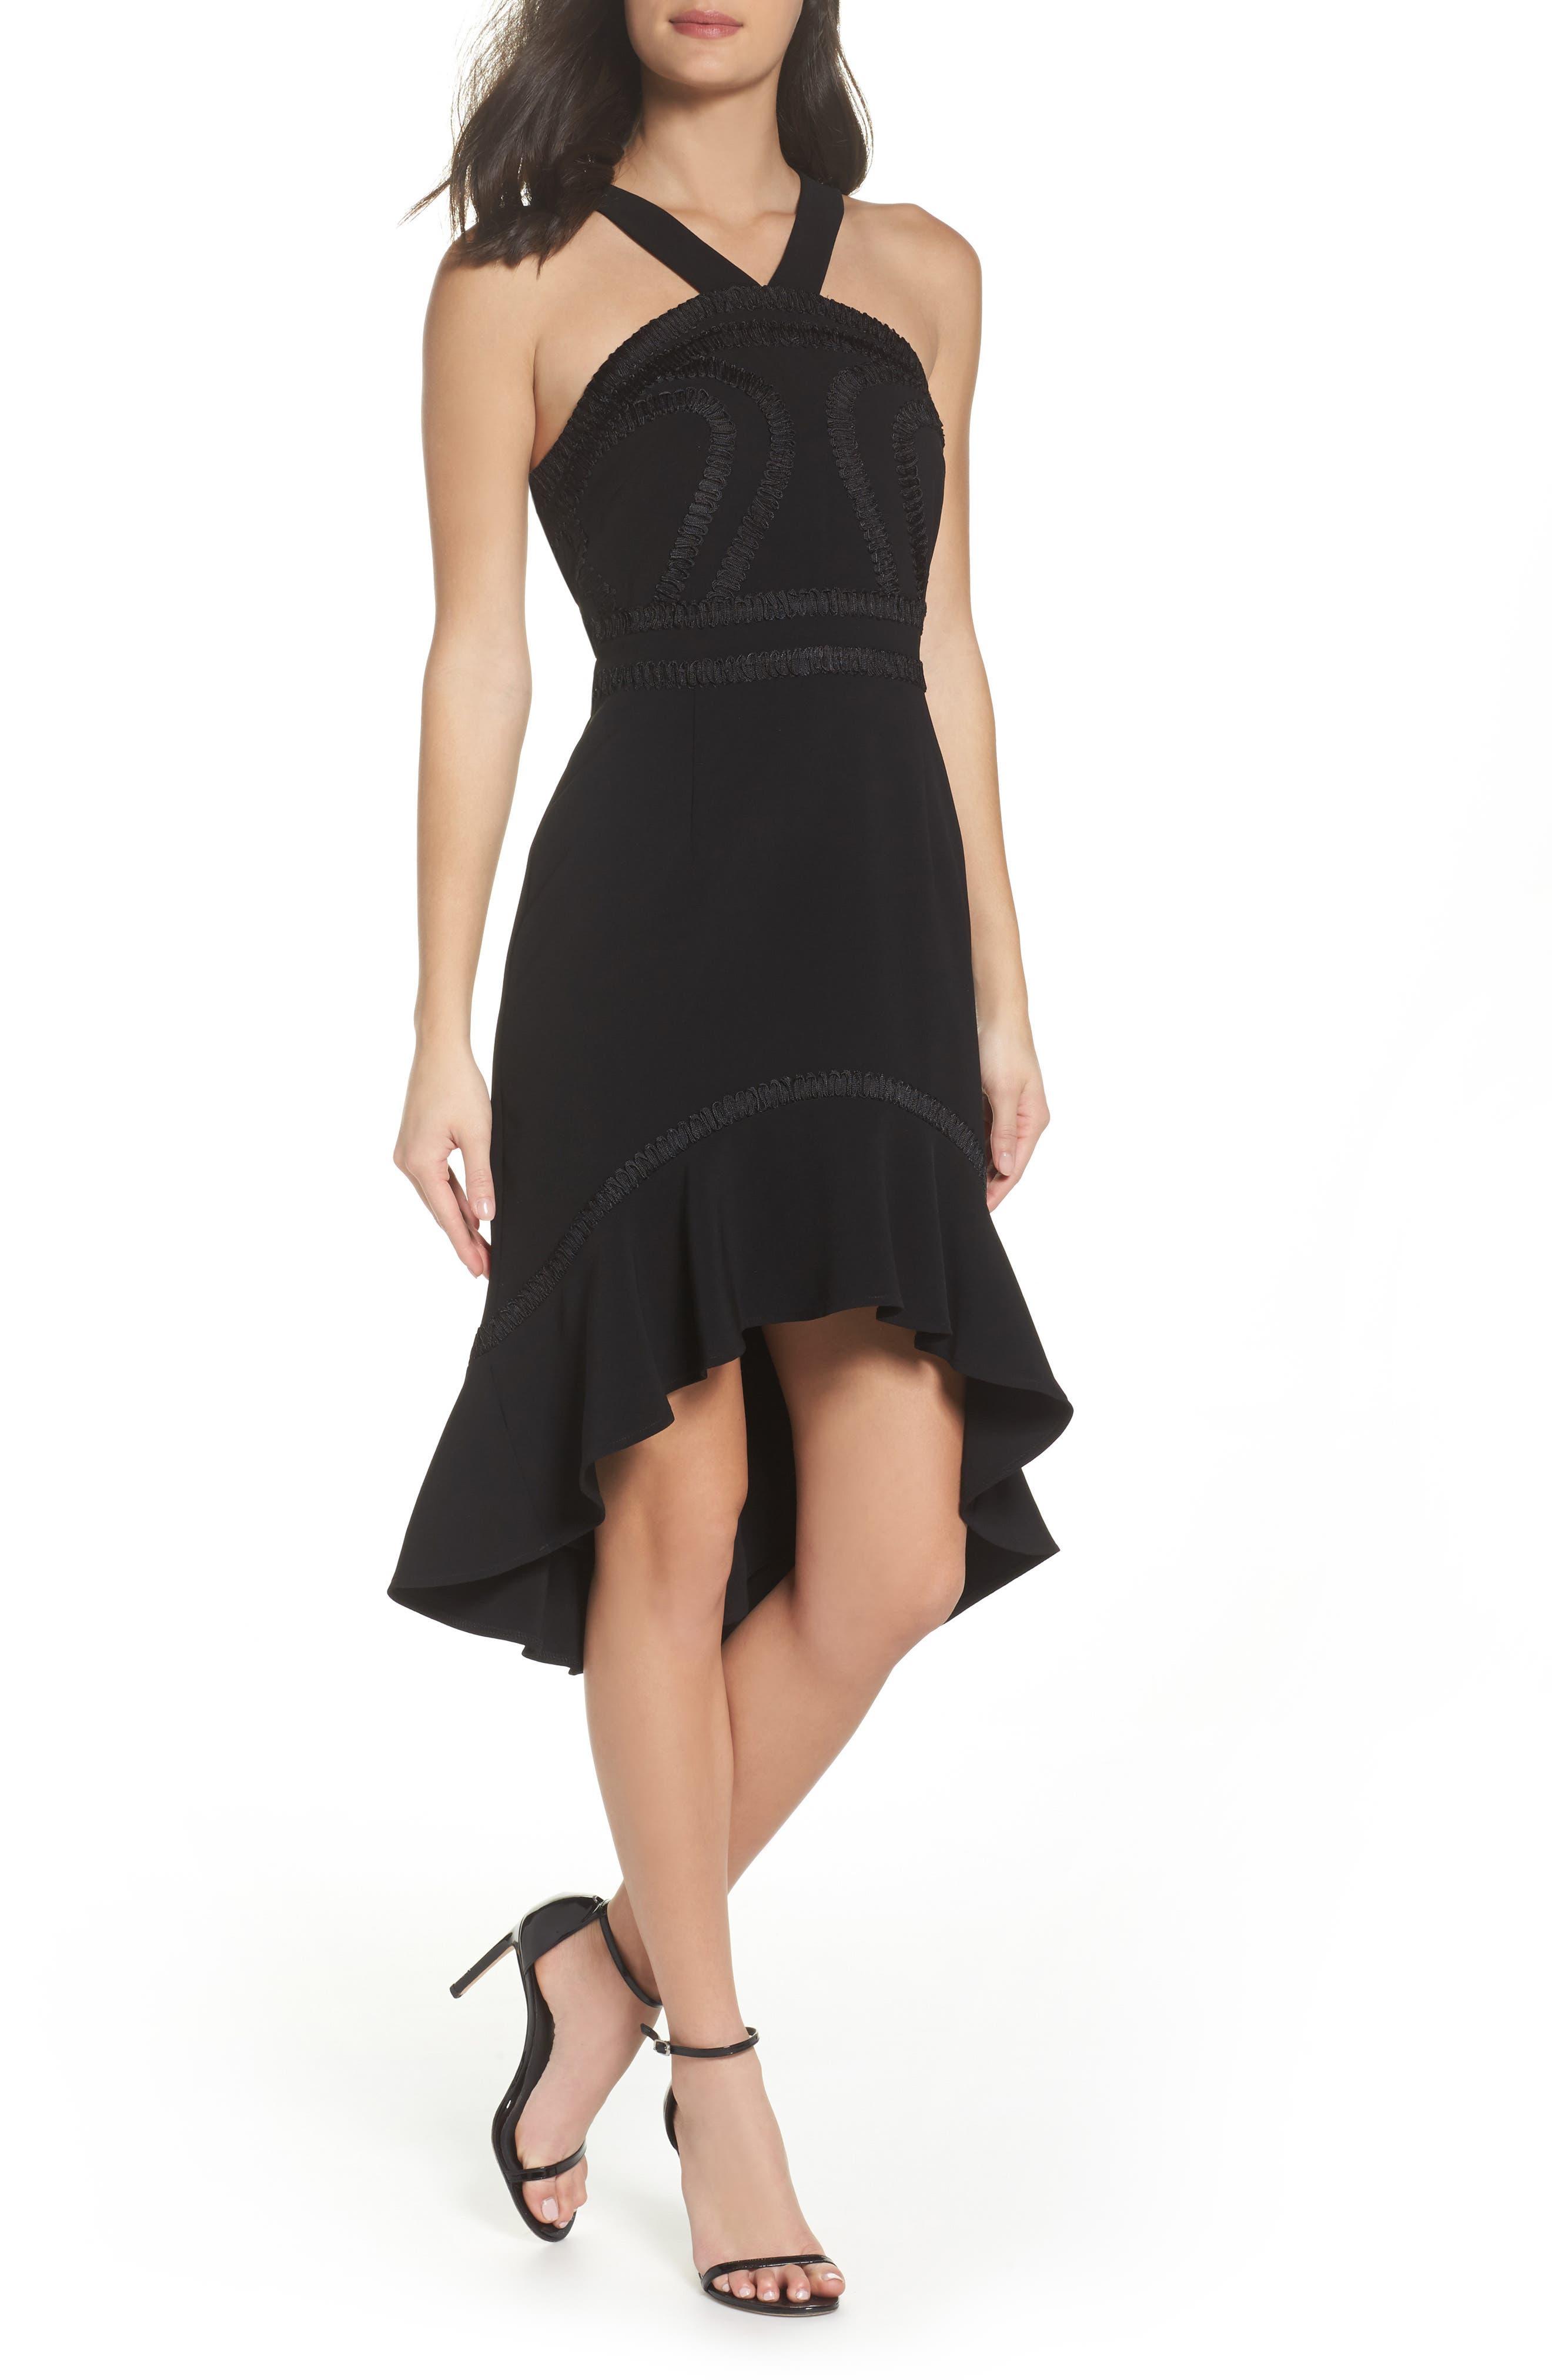 Main Image - Foxiedox Aviana High/Low Halter Neck Dress